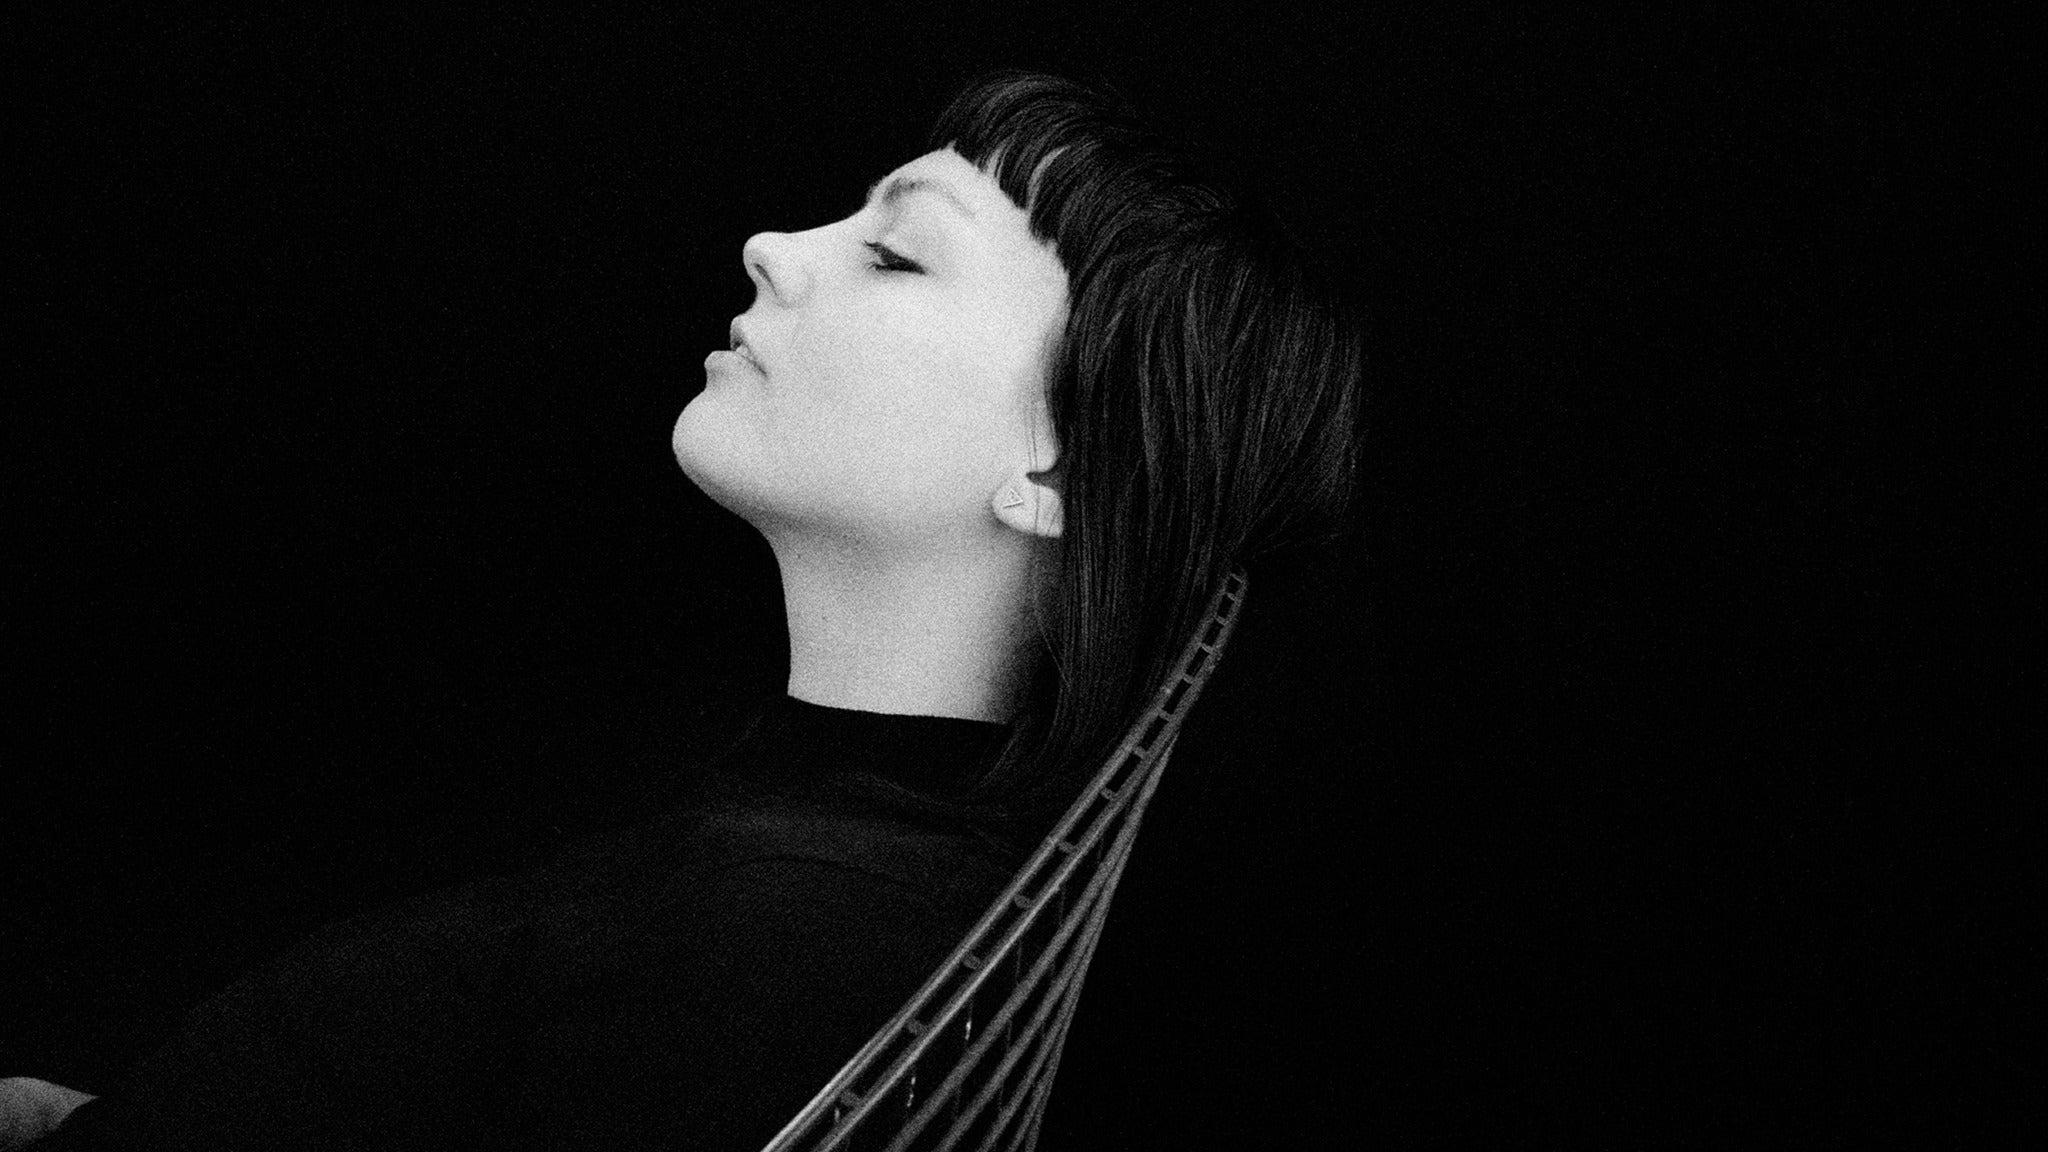 Angel Olsen at The Wiltern - Los Angeles, CA 90010